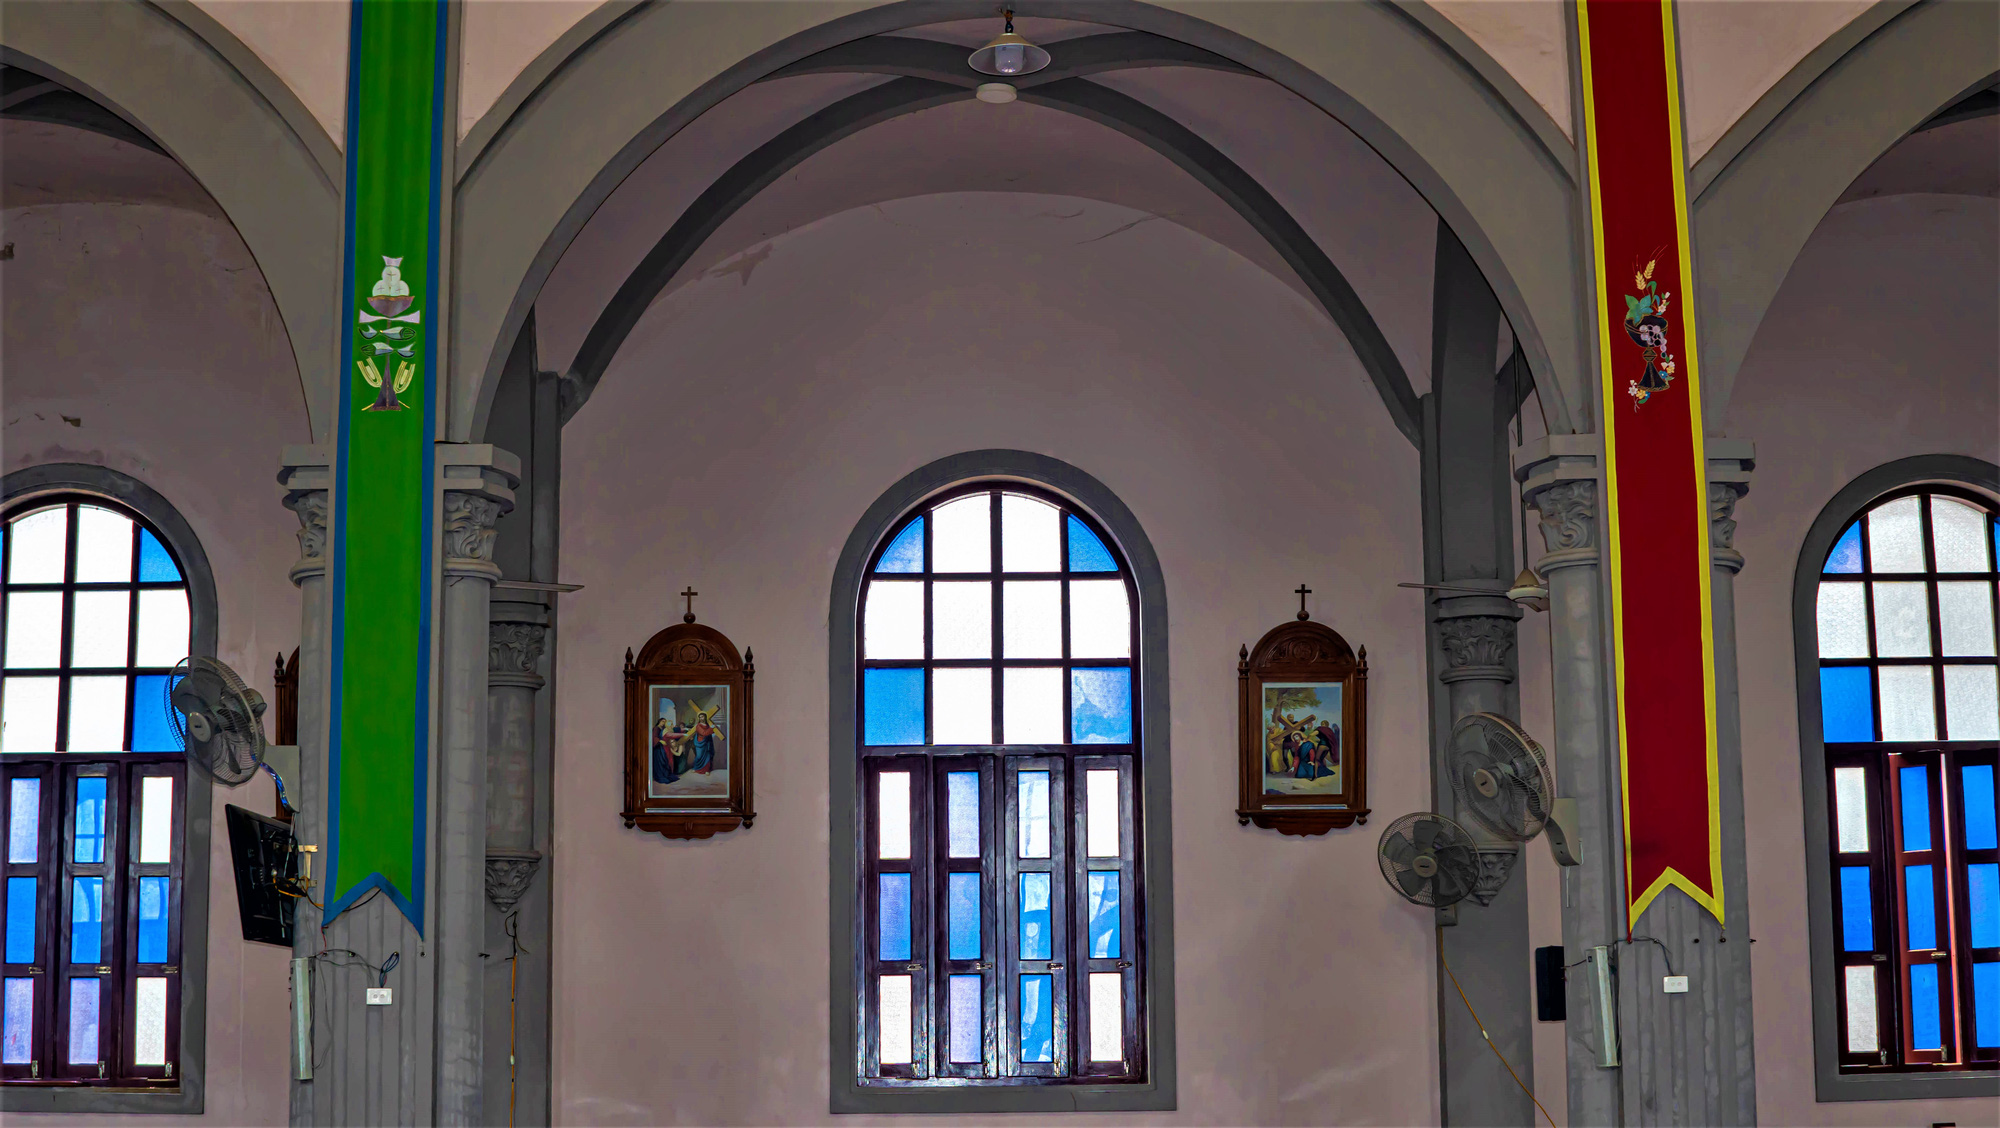 Về thăm nhà thờ Khoái Đồng, nơi thờ hiện thân của ông già Noel - Ảnh 14.